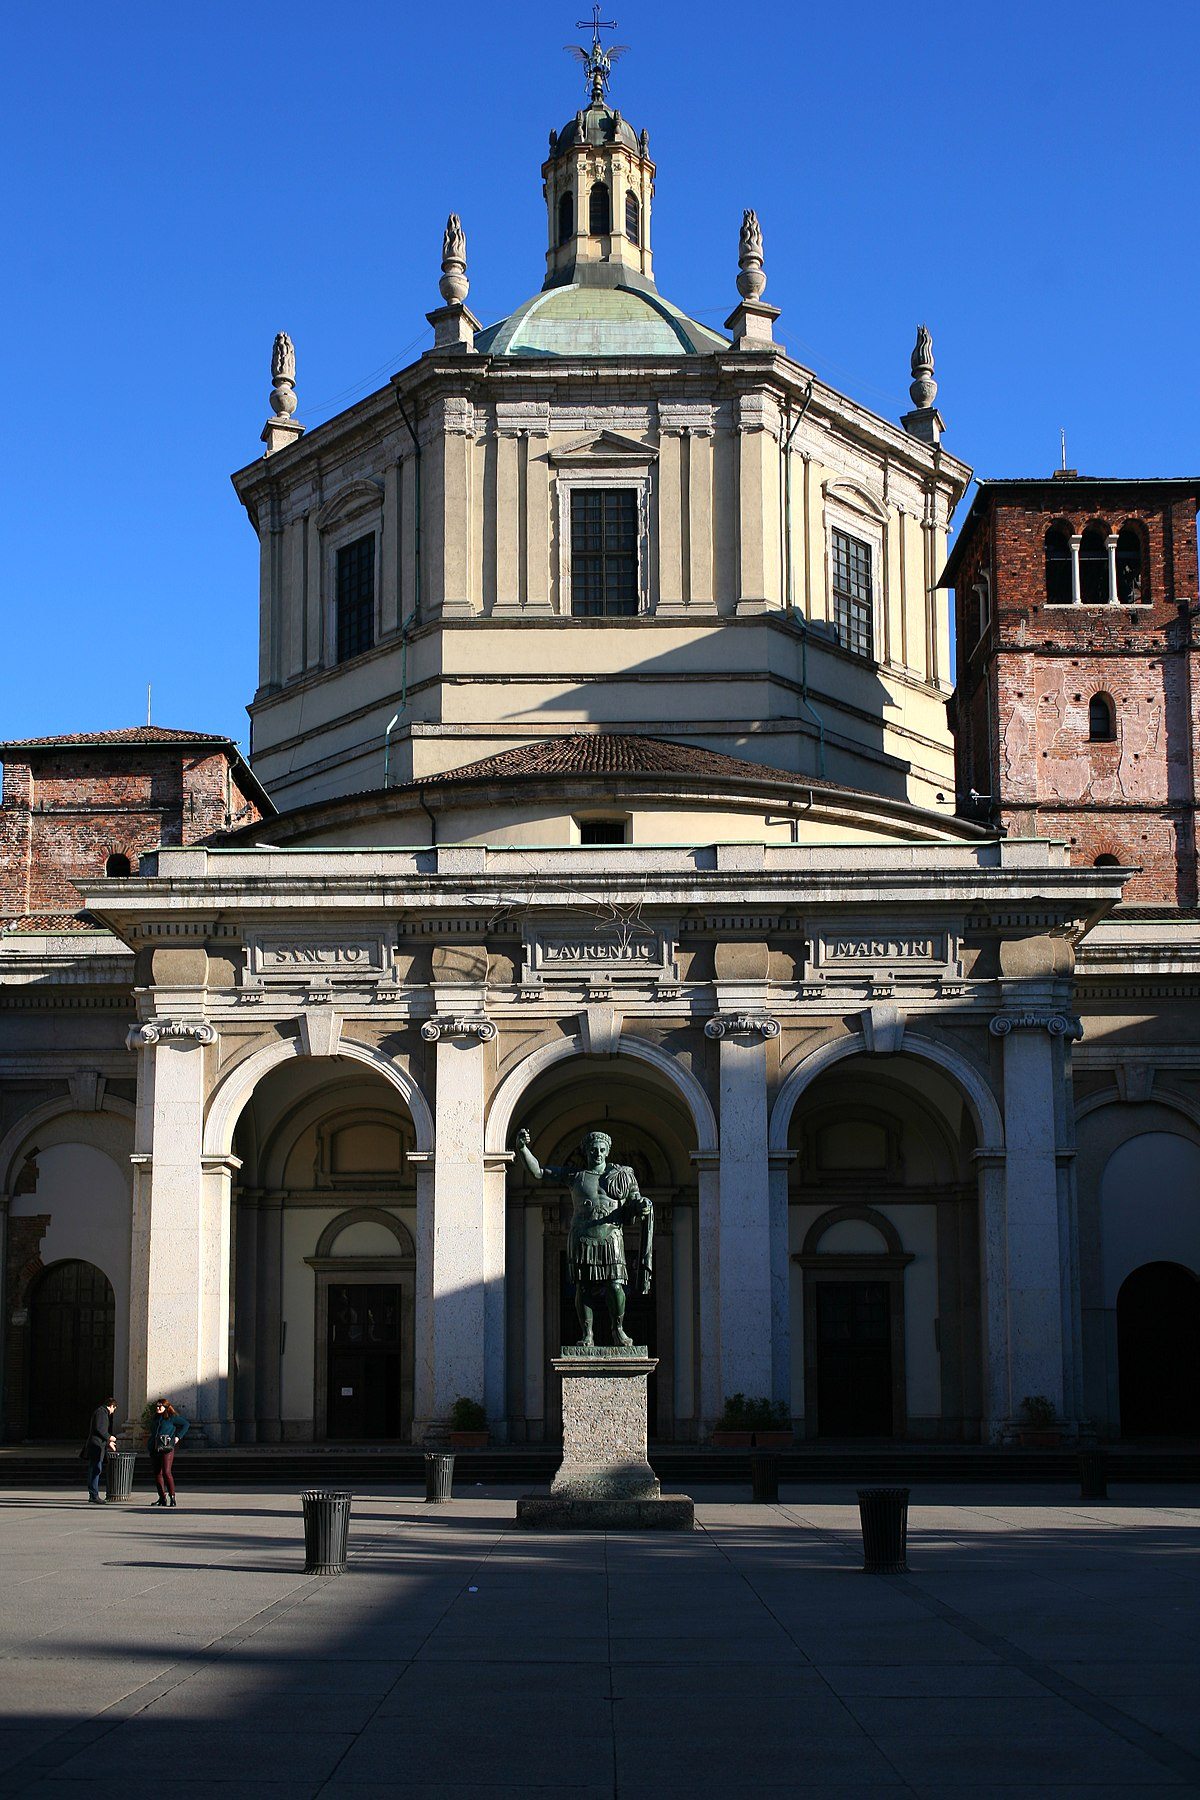 basilica di san lorenzo (milano) - wikipedia